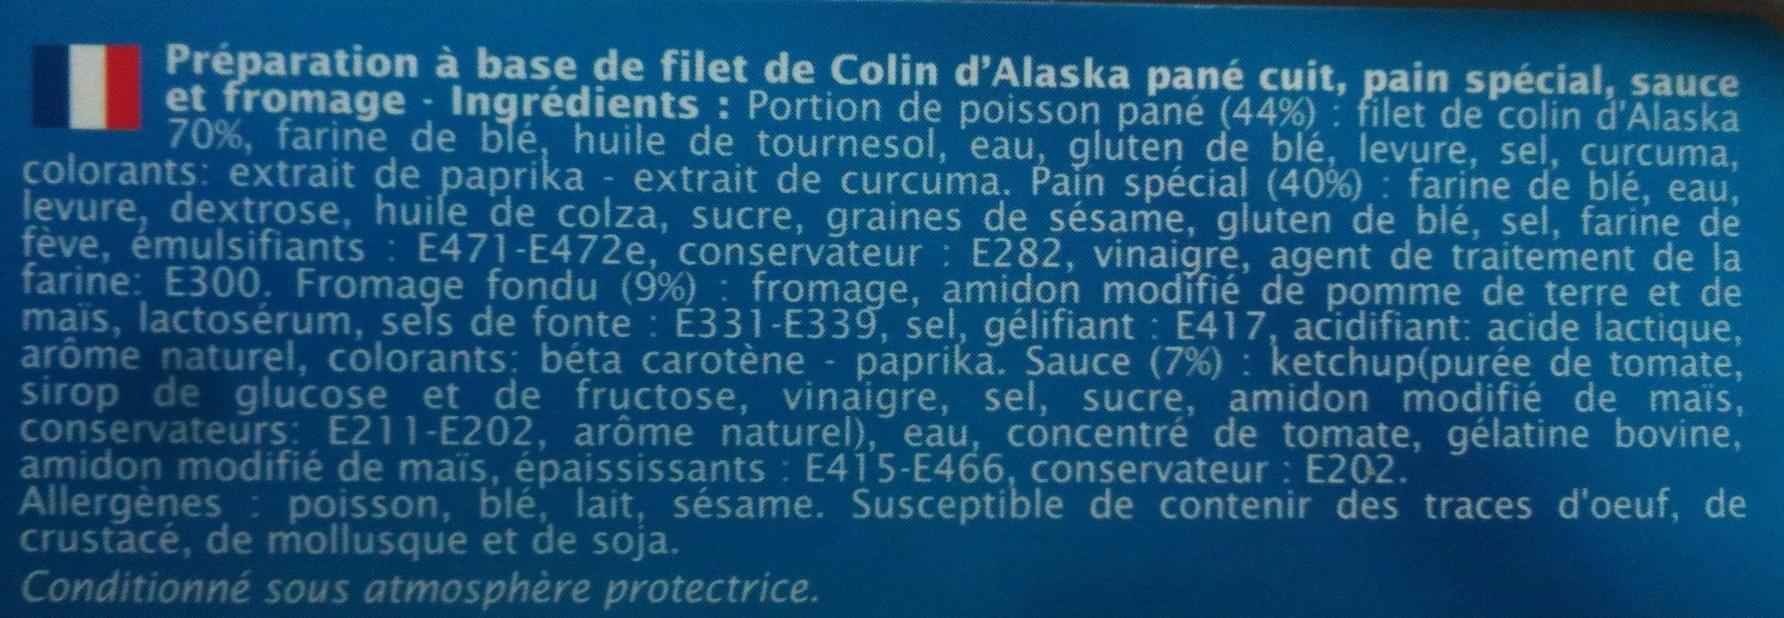 Burger de la mer - Colin d'alaska - Ingrédients